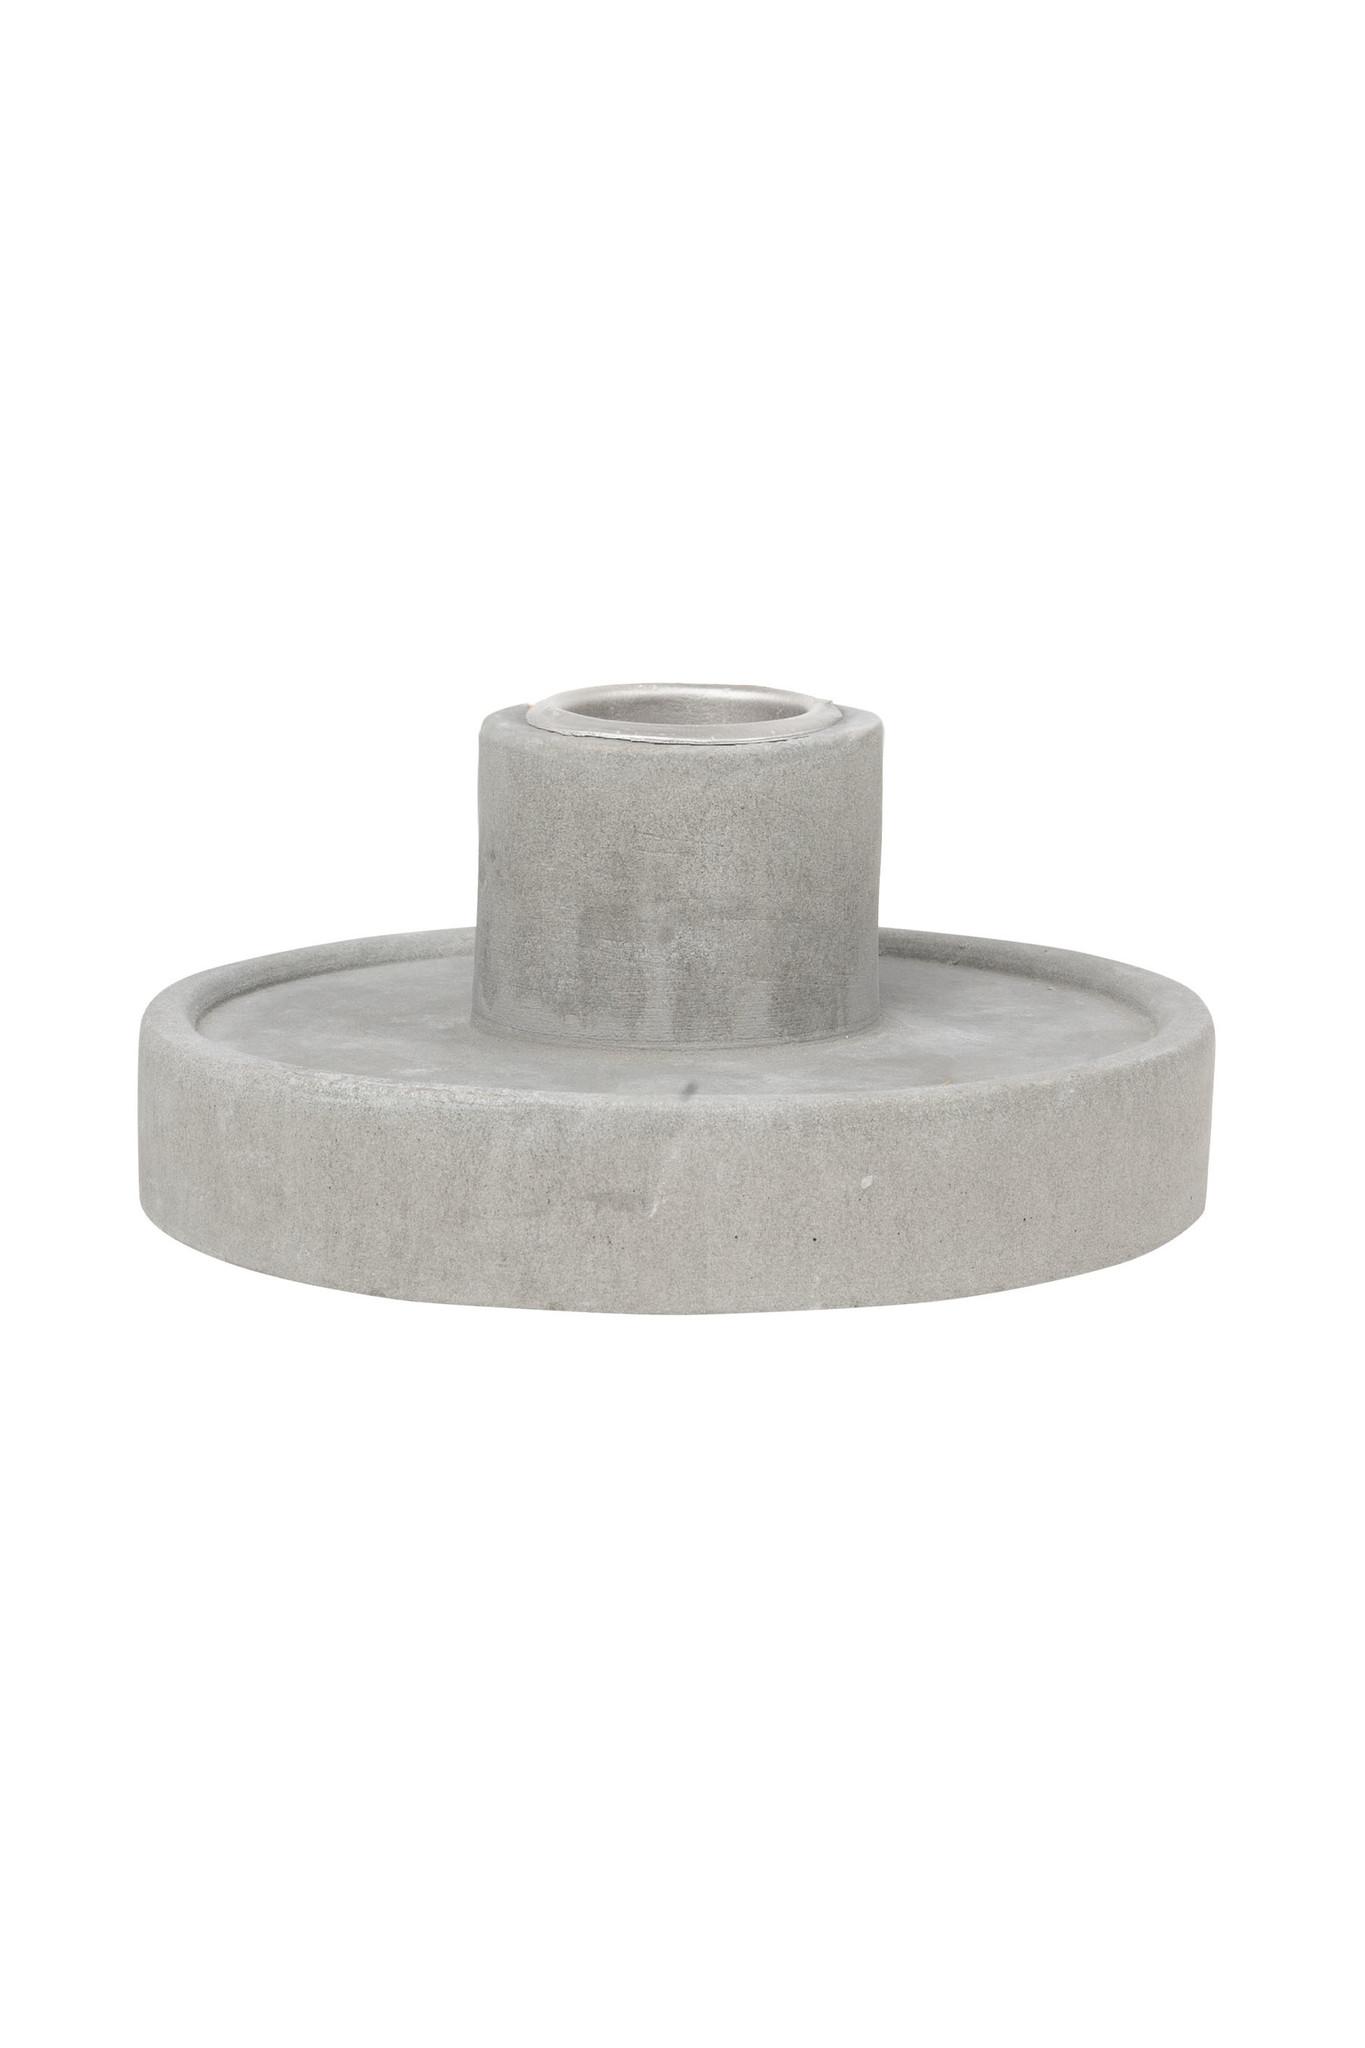 Zusss Kandelaar rond beton